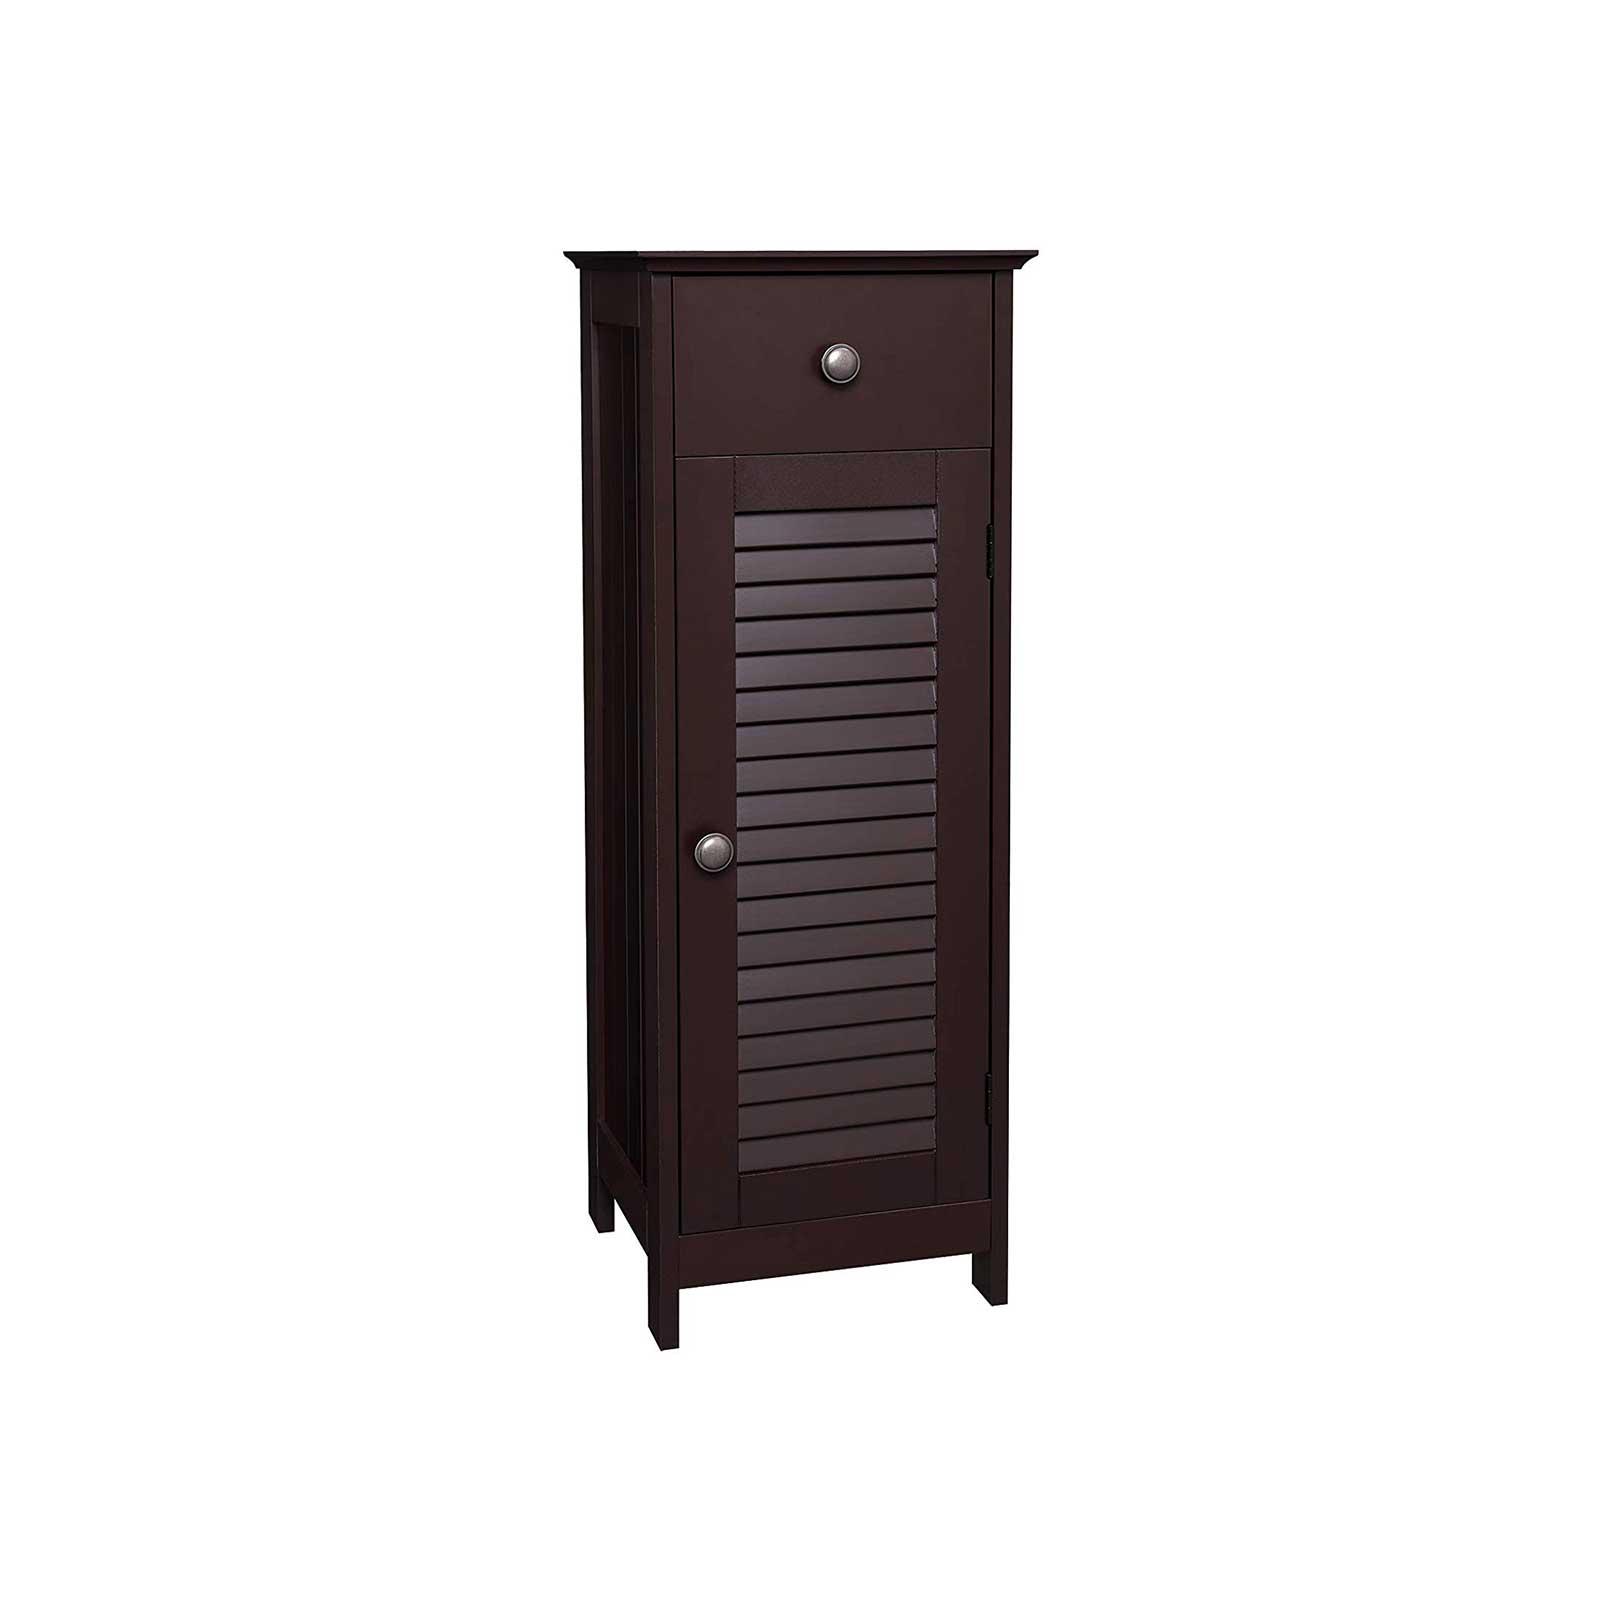 Furniture Vasagle Bathroom Floor Cabinet Storage Organizer Standing Cabinet With Drawer And Single Shutter Door Wooden Brown Ubbc43br Home Kitchen Startsolar Com Au